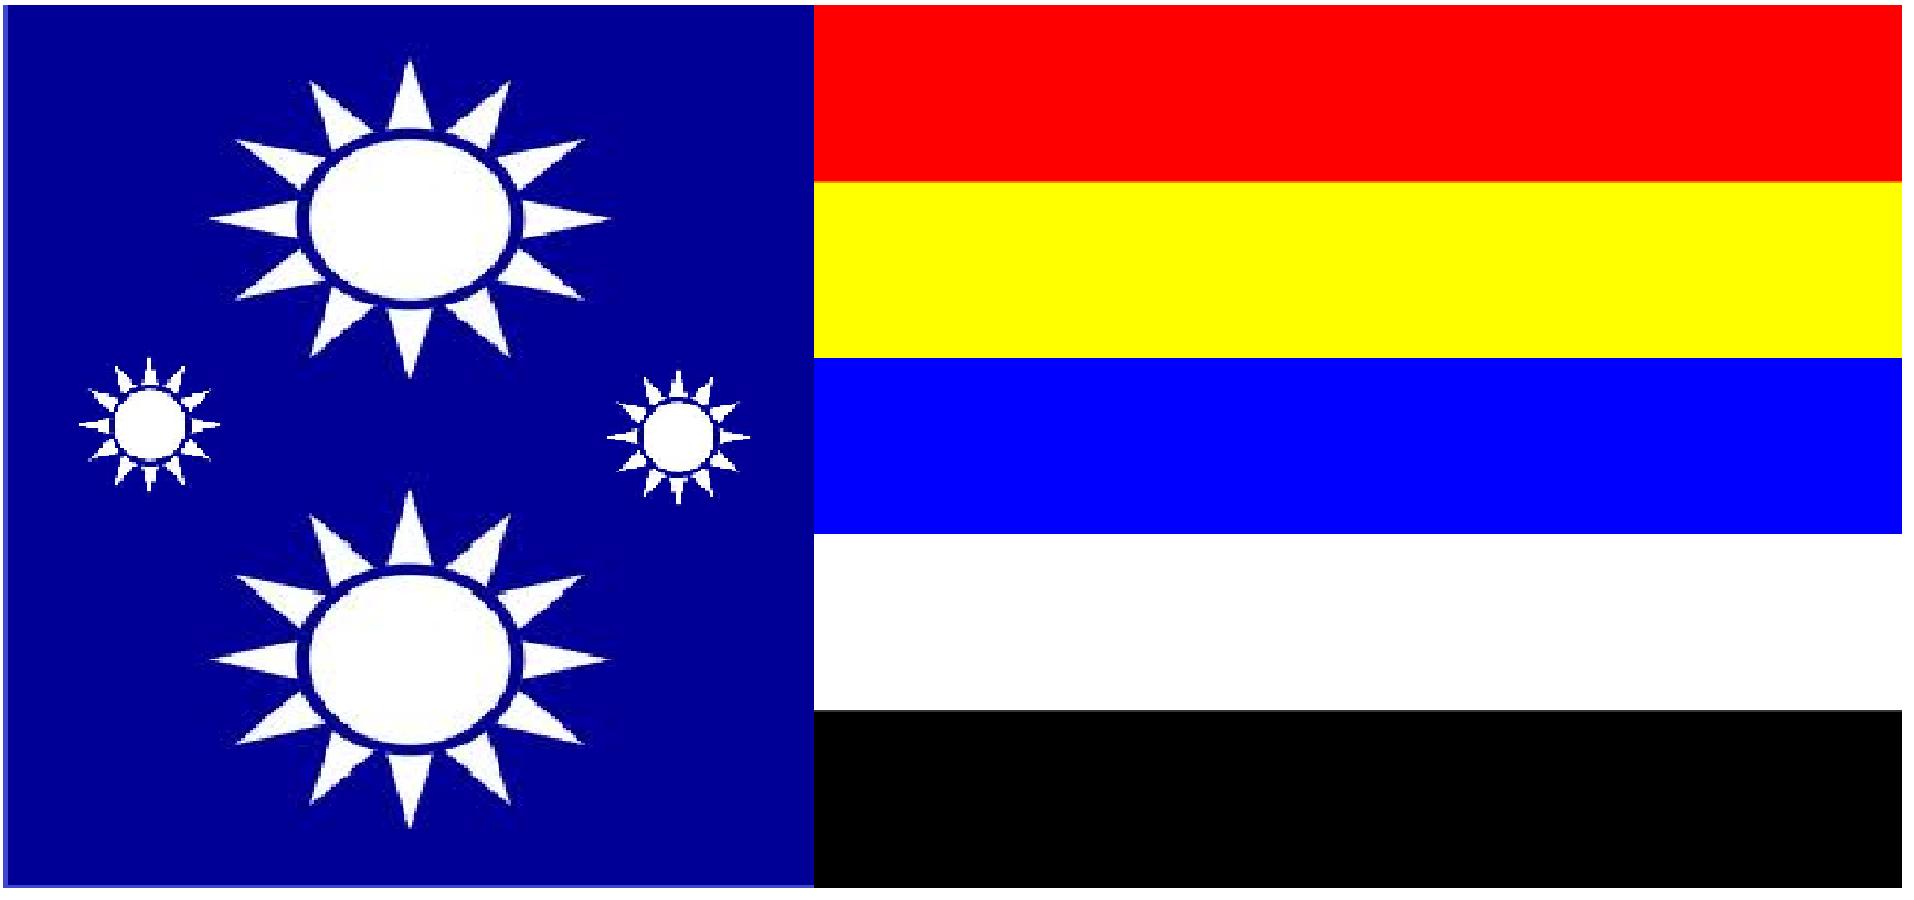 ATL Republic of China flag.png